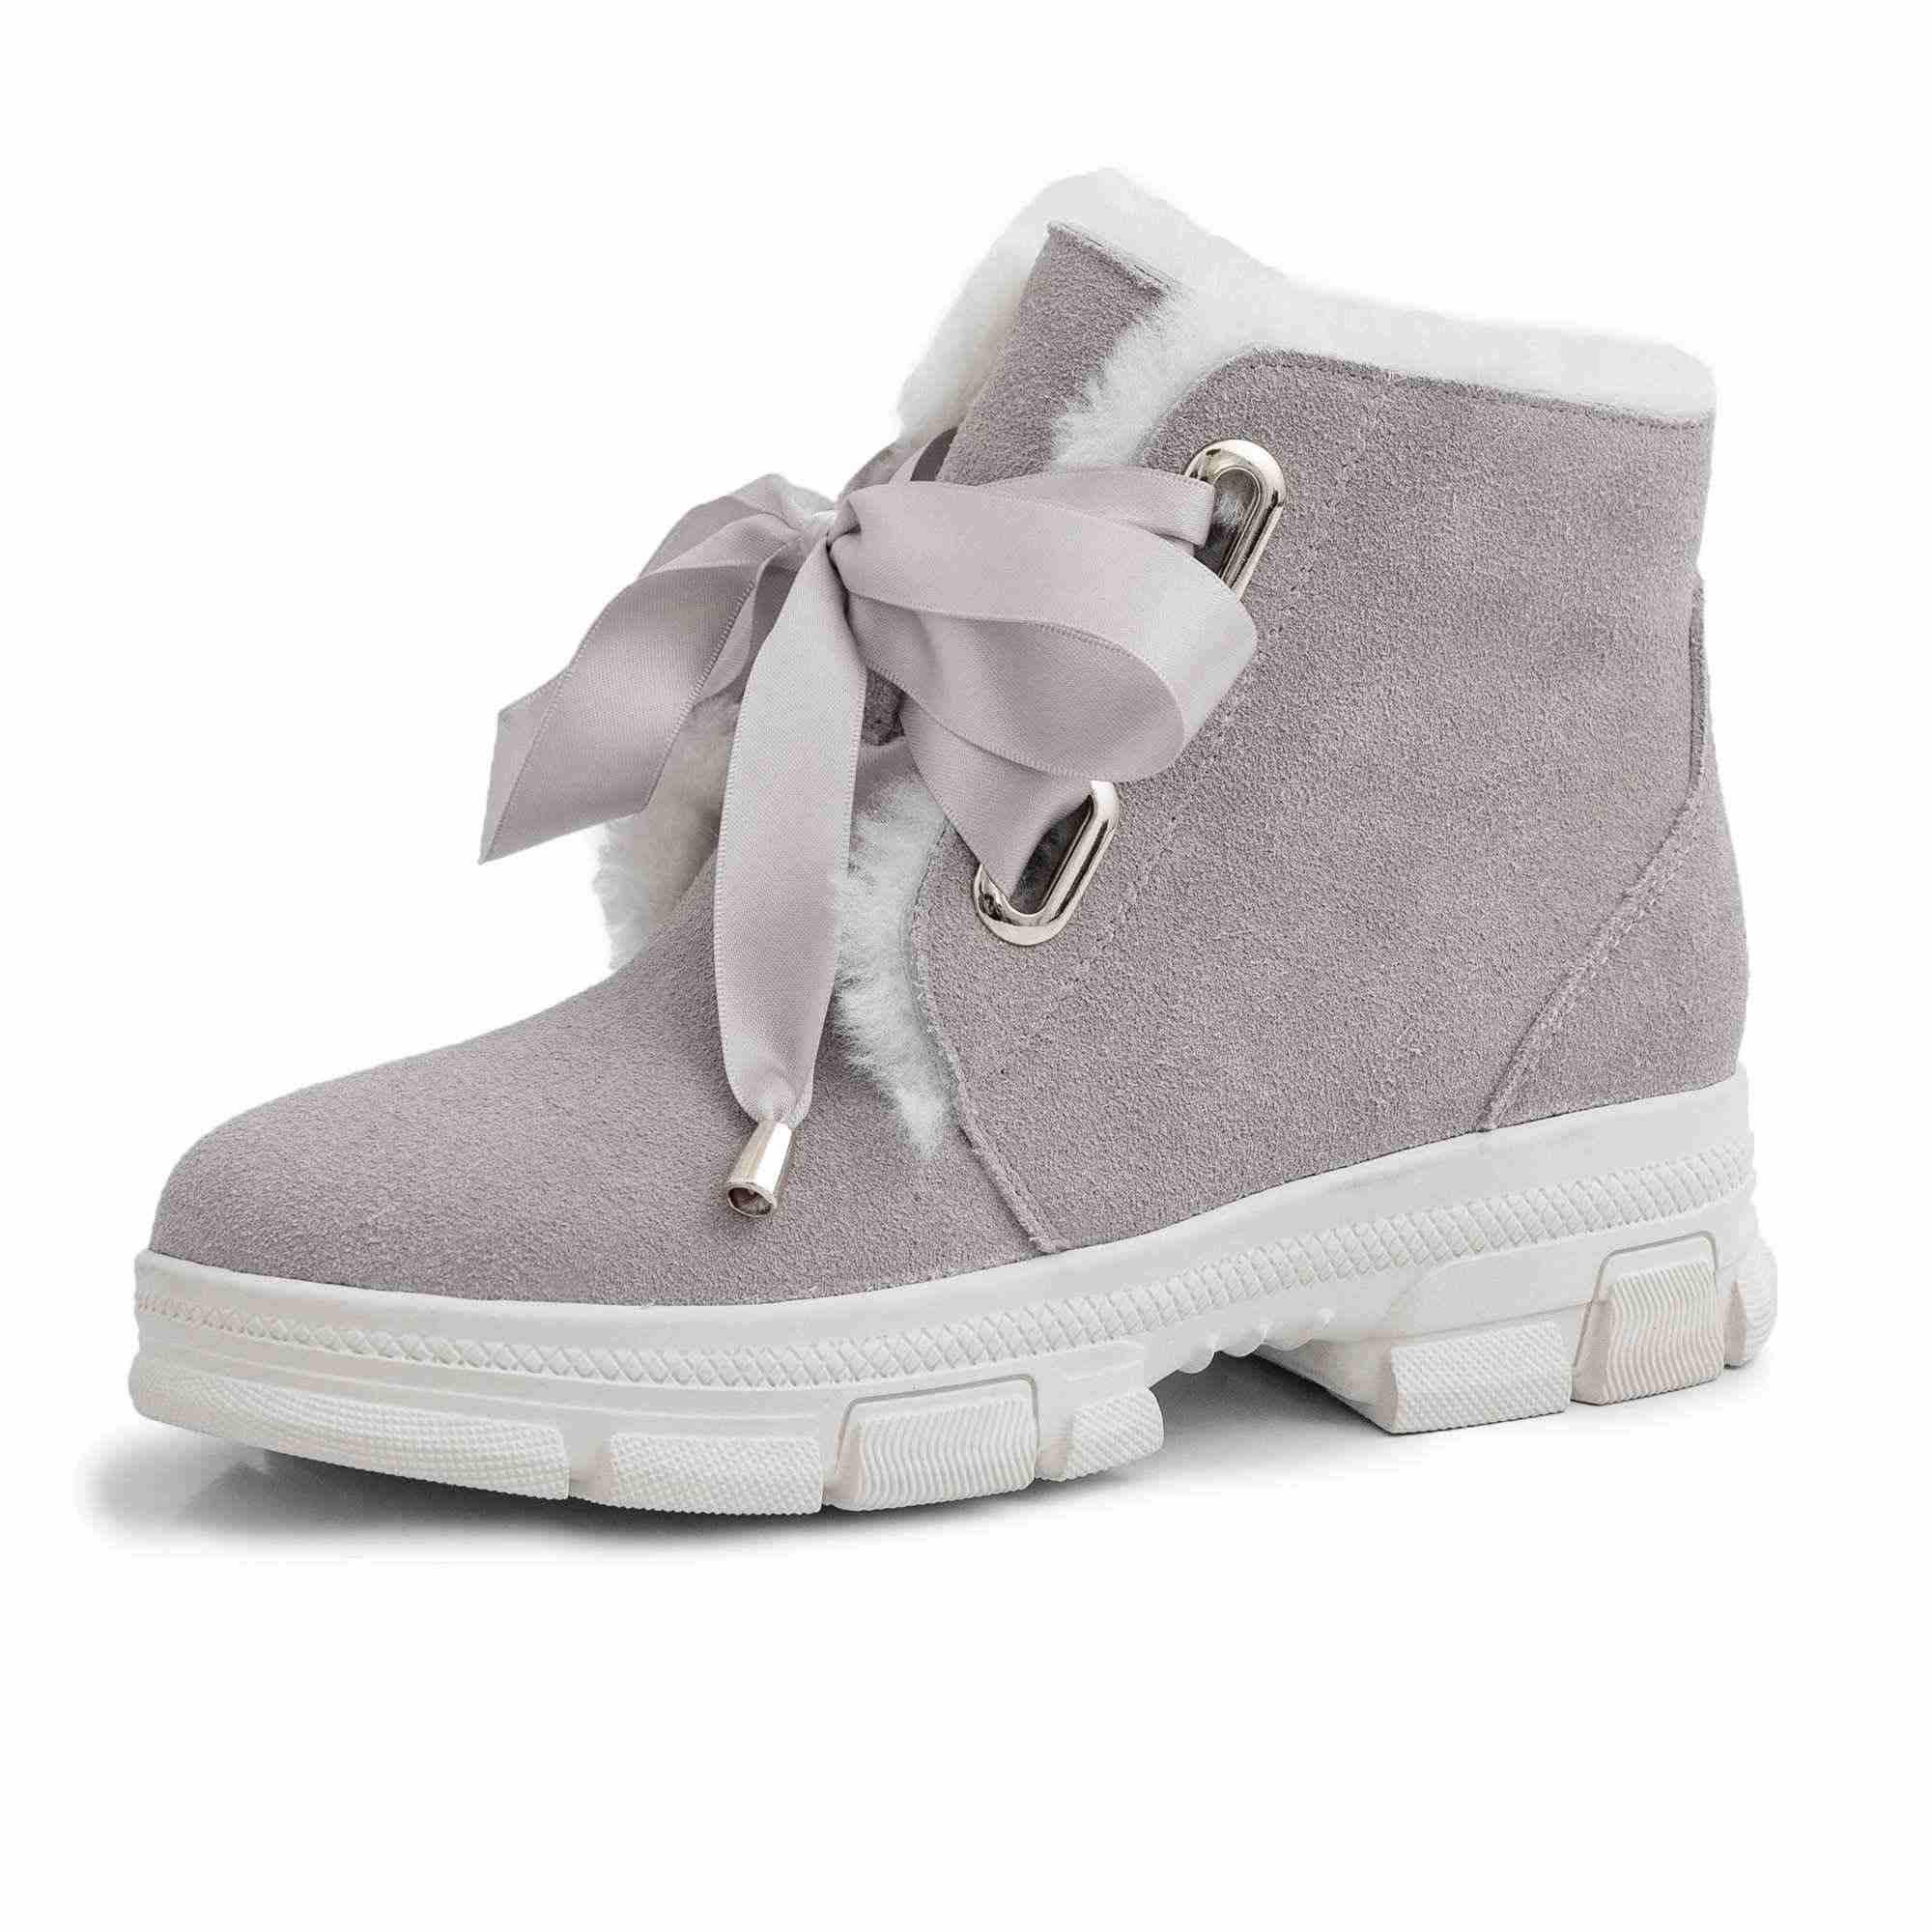 Krazing Pot rahat rahat sıcak kar botları tutmak karışık renk med topuklu yuvarlak ayak kış moda dantel kadın yarım çizmeler l62